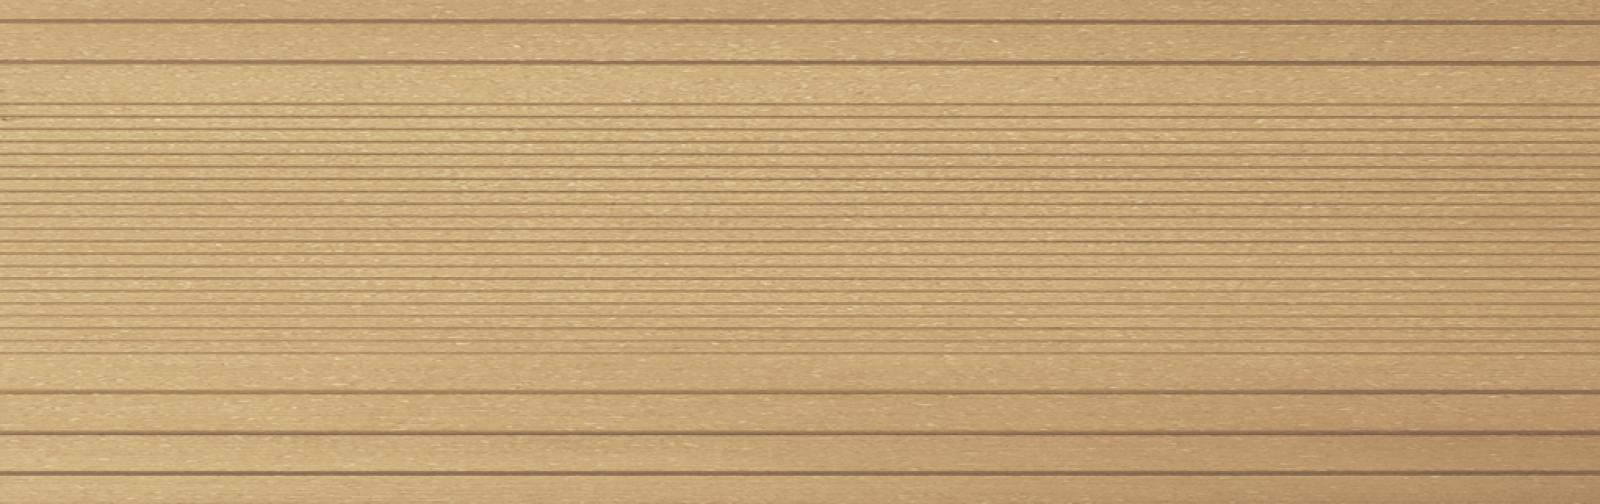 Ступень Террапол  Дуб Севилья